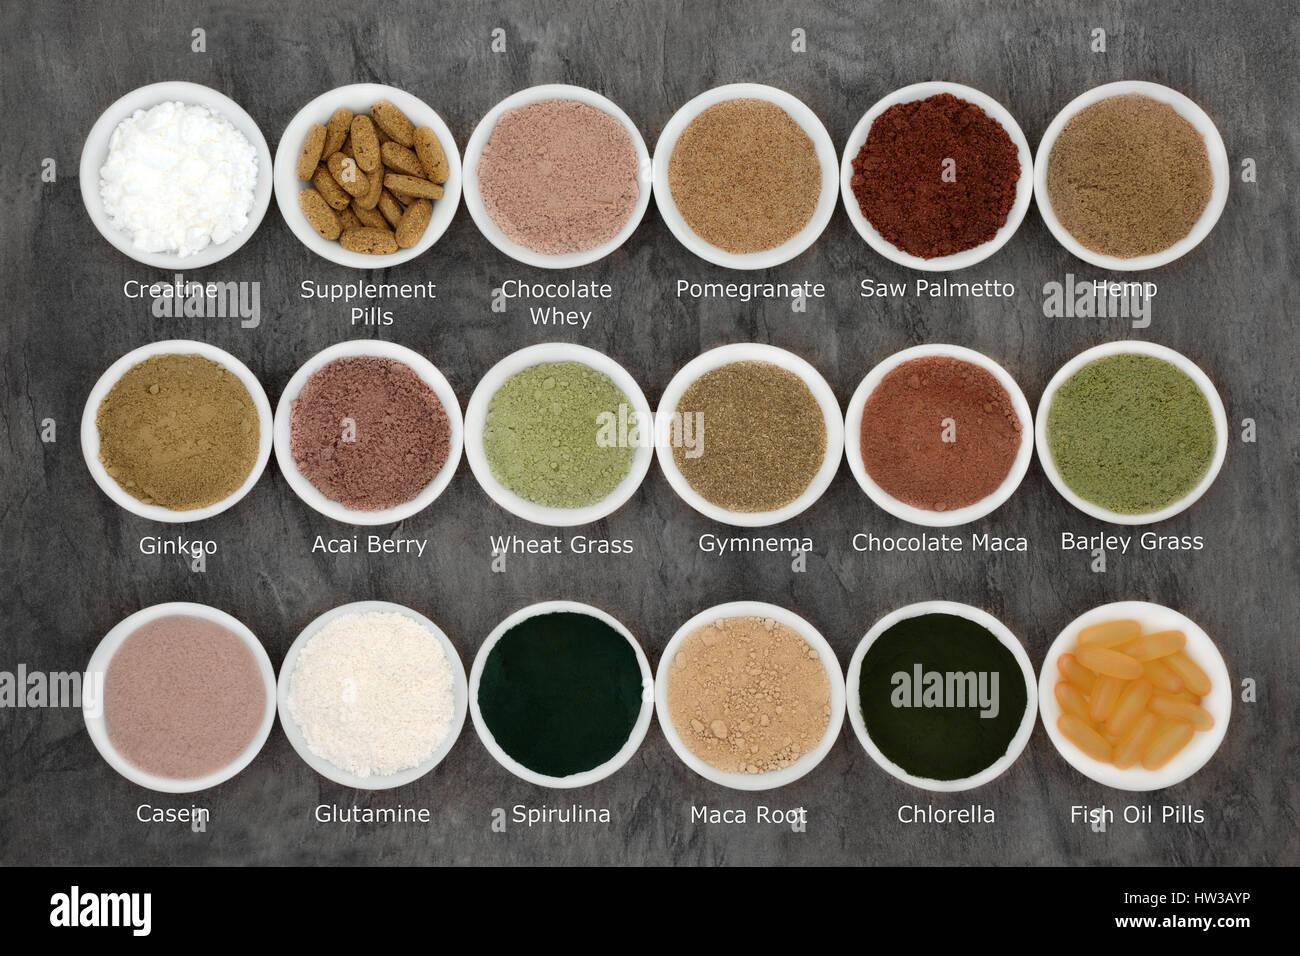 Salud body building polvos alimenticios y suplementos en cuencos de porcelana sobre fondo de mármol con títulos. Imagen De Stock